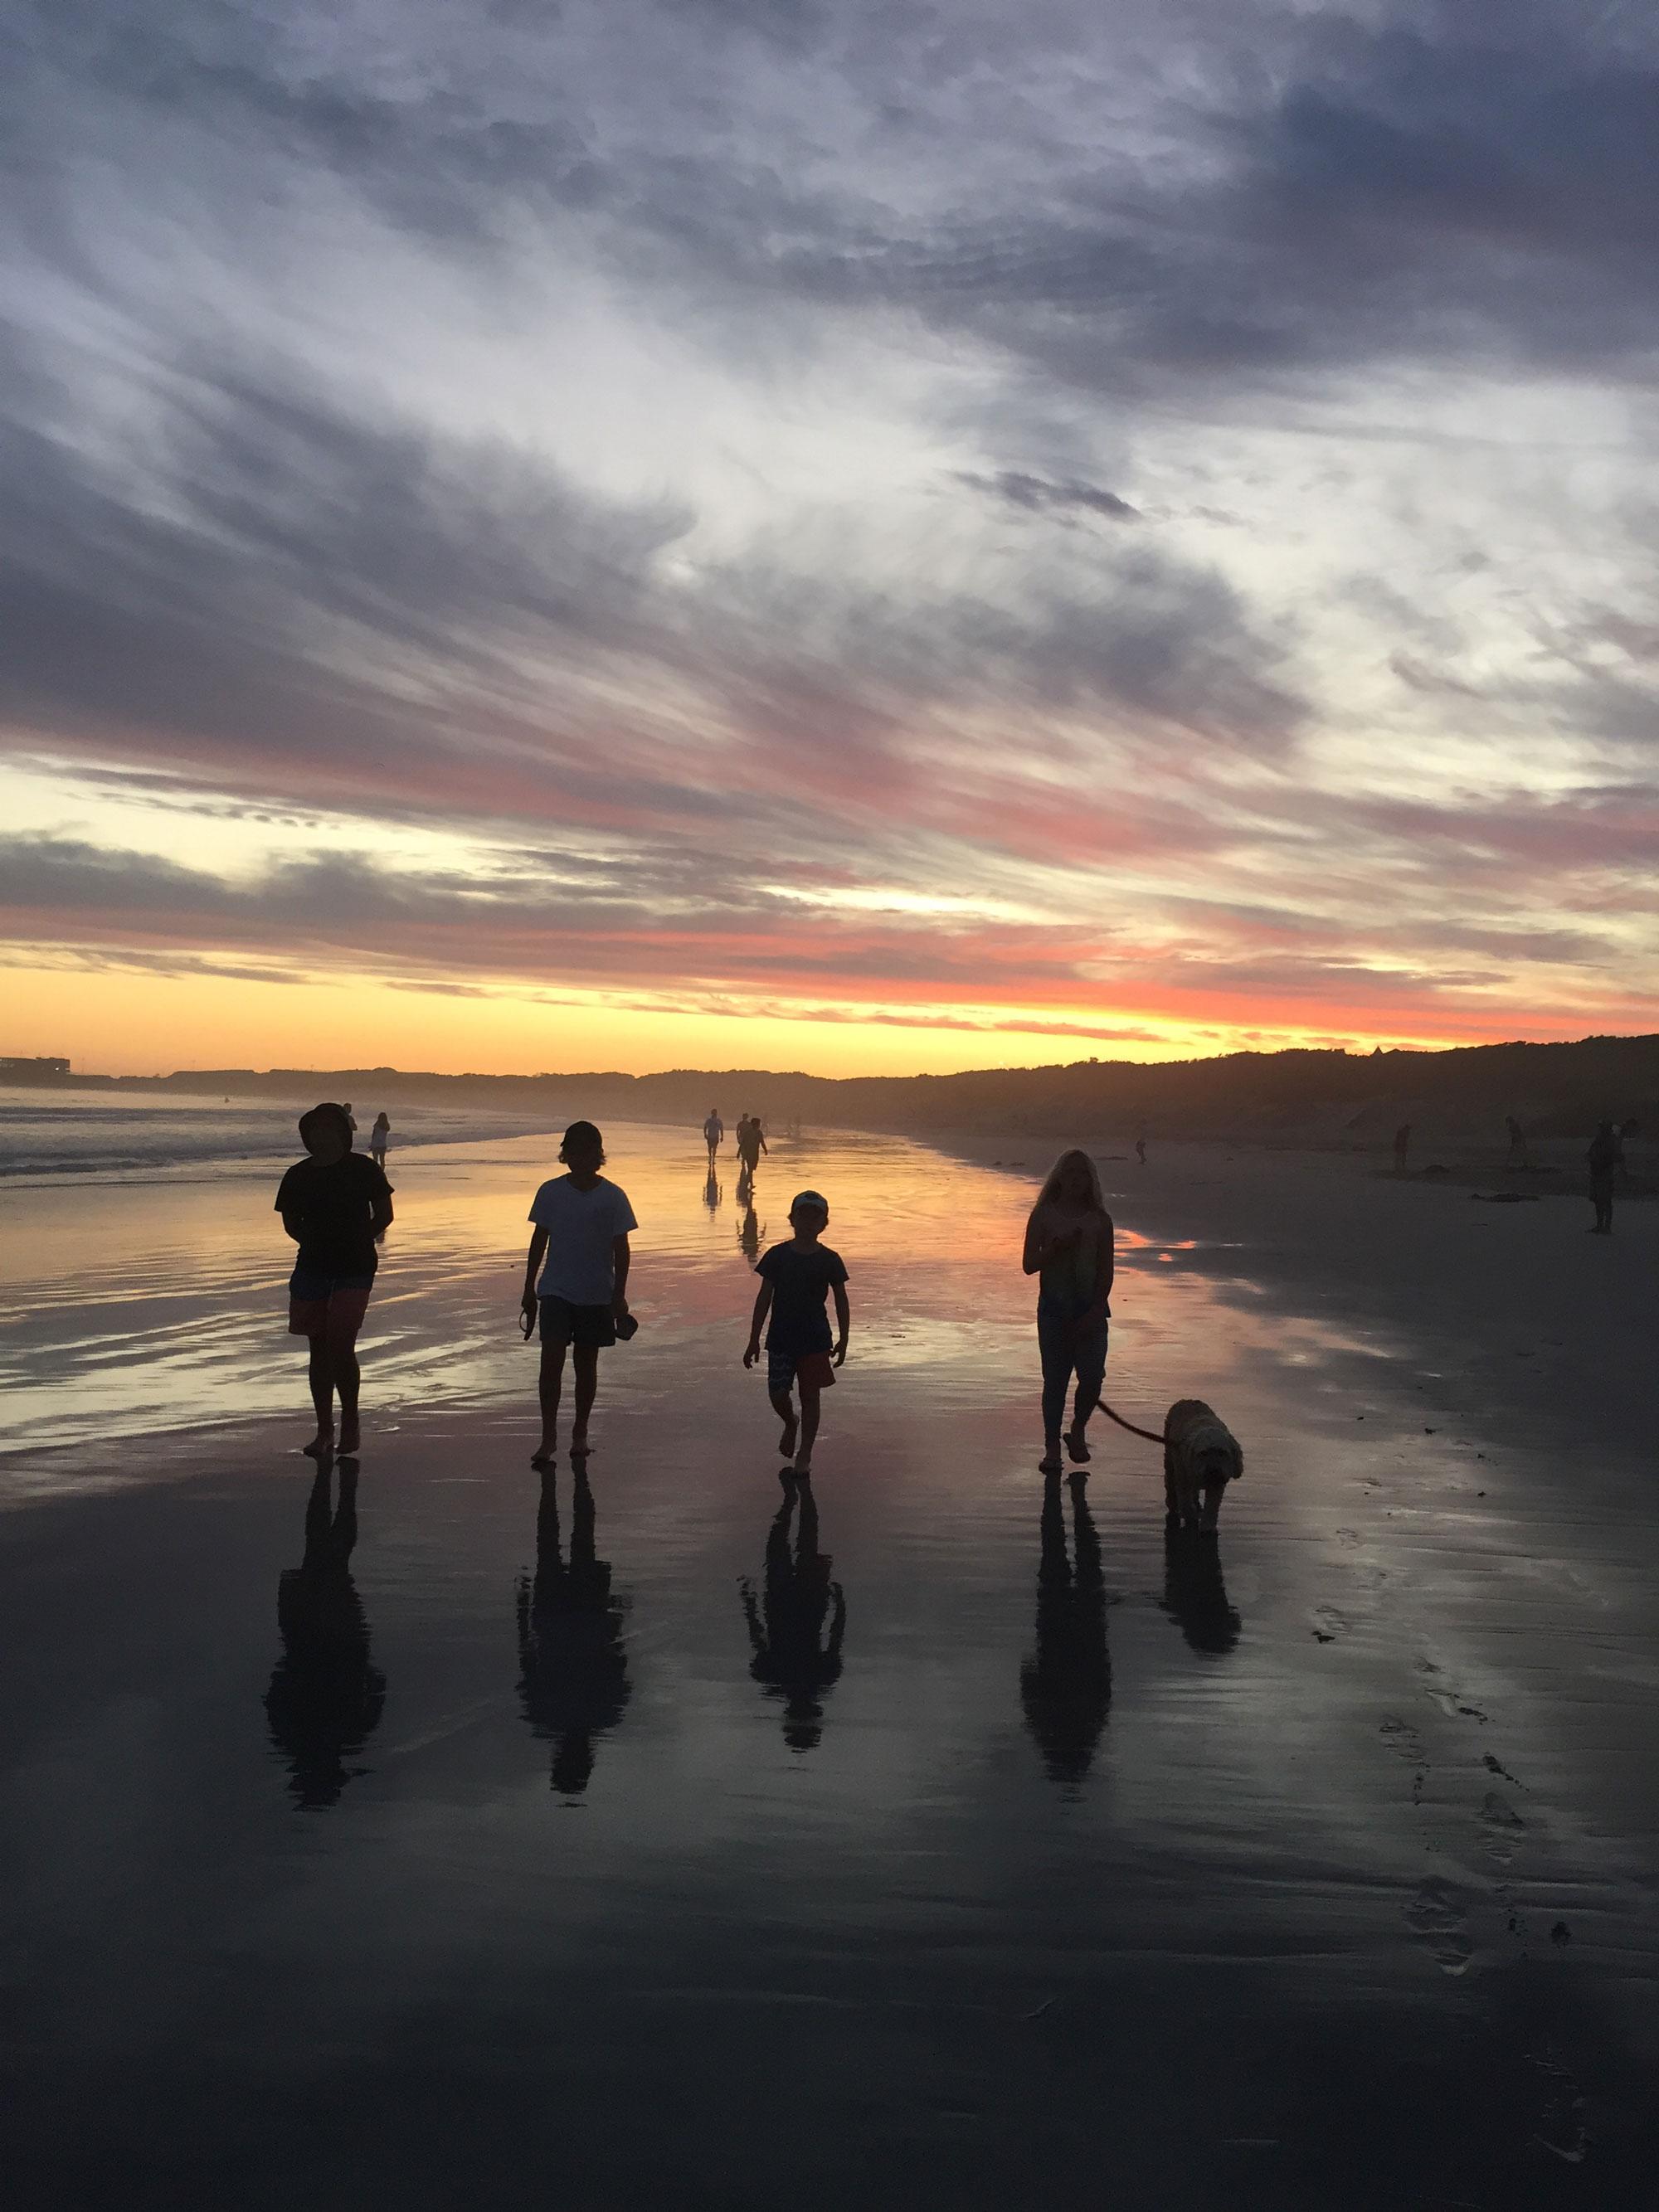 warrnambool-sunset-on-beach3